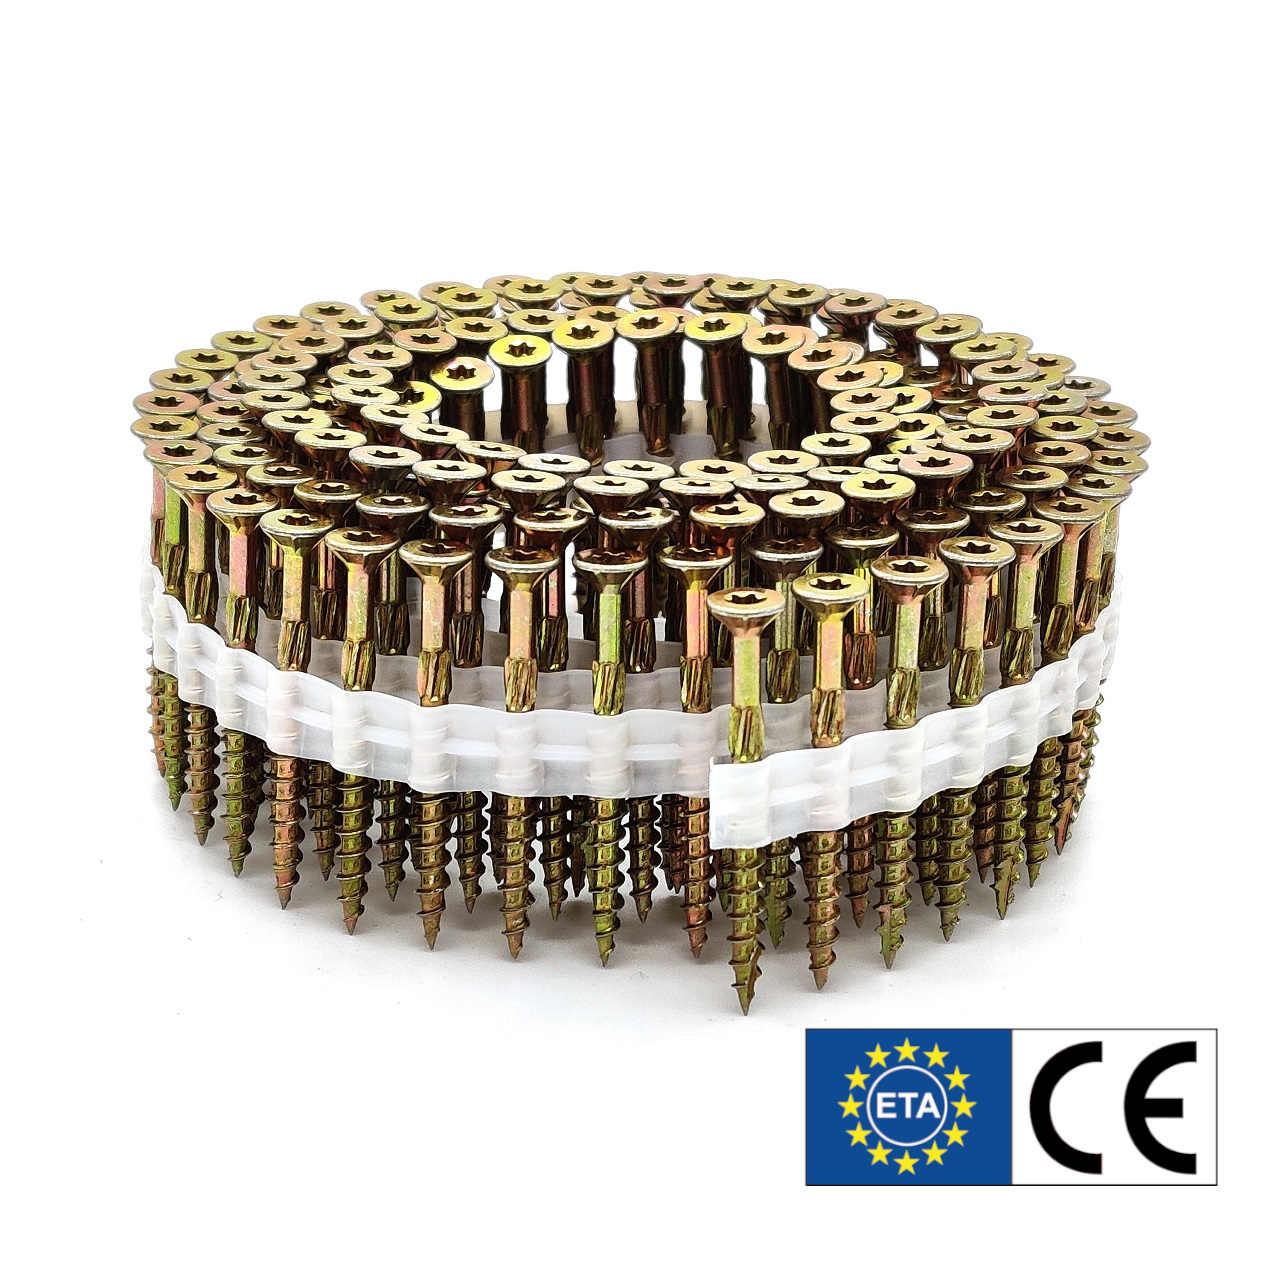 Coil adunox-SuperUni Holzschrauben / Spanplattenschrauben | gelb verzinkt | 5,0x50